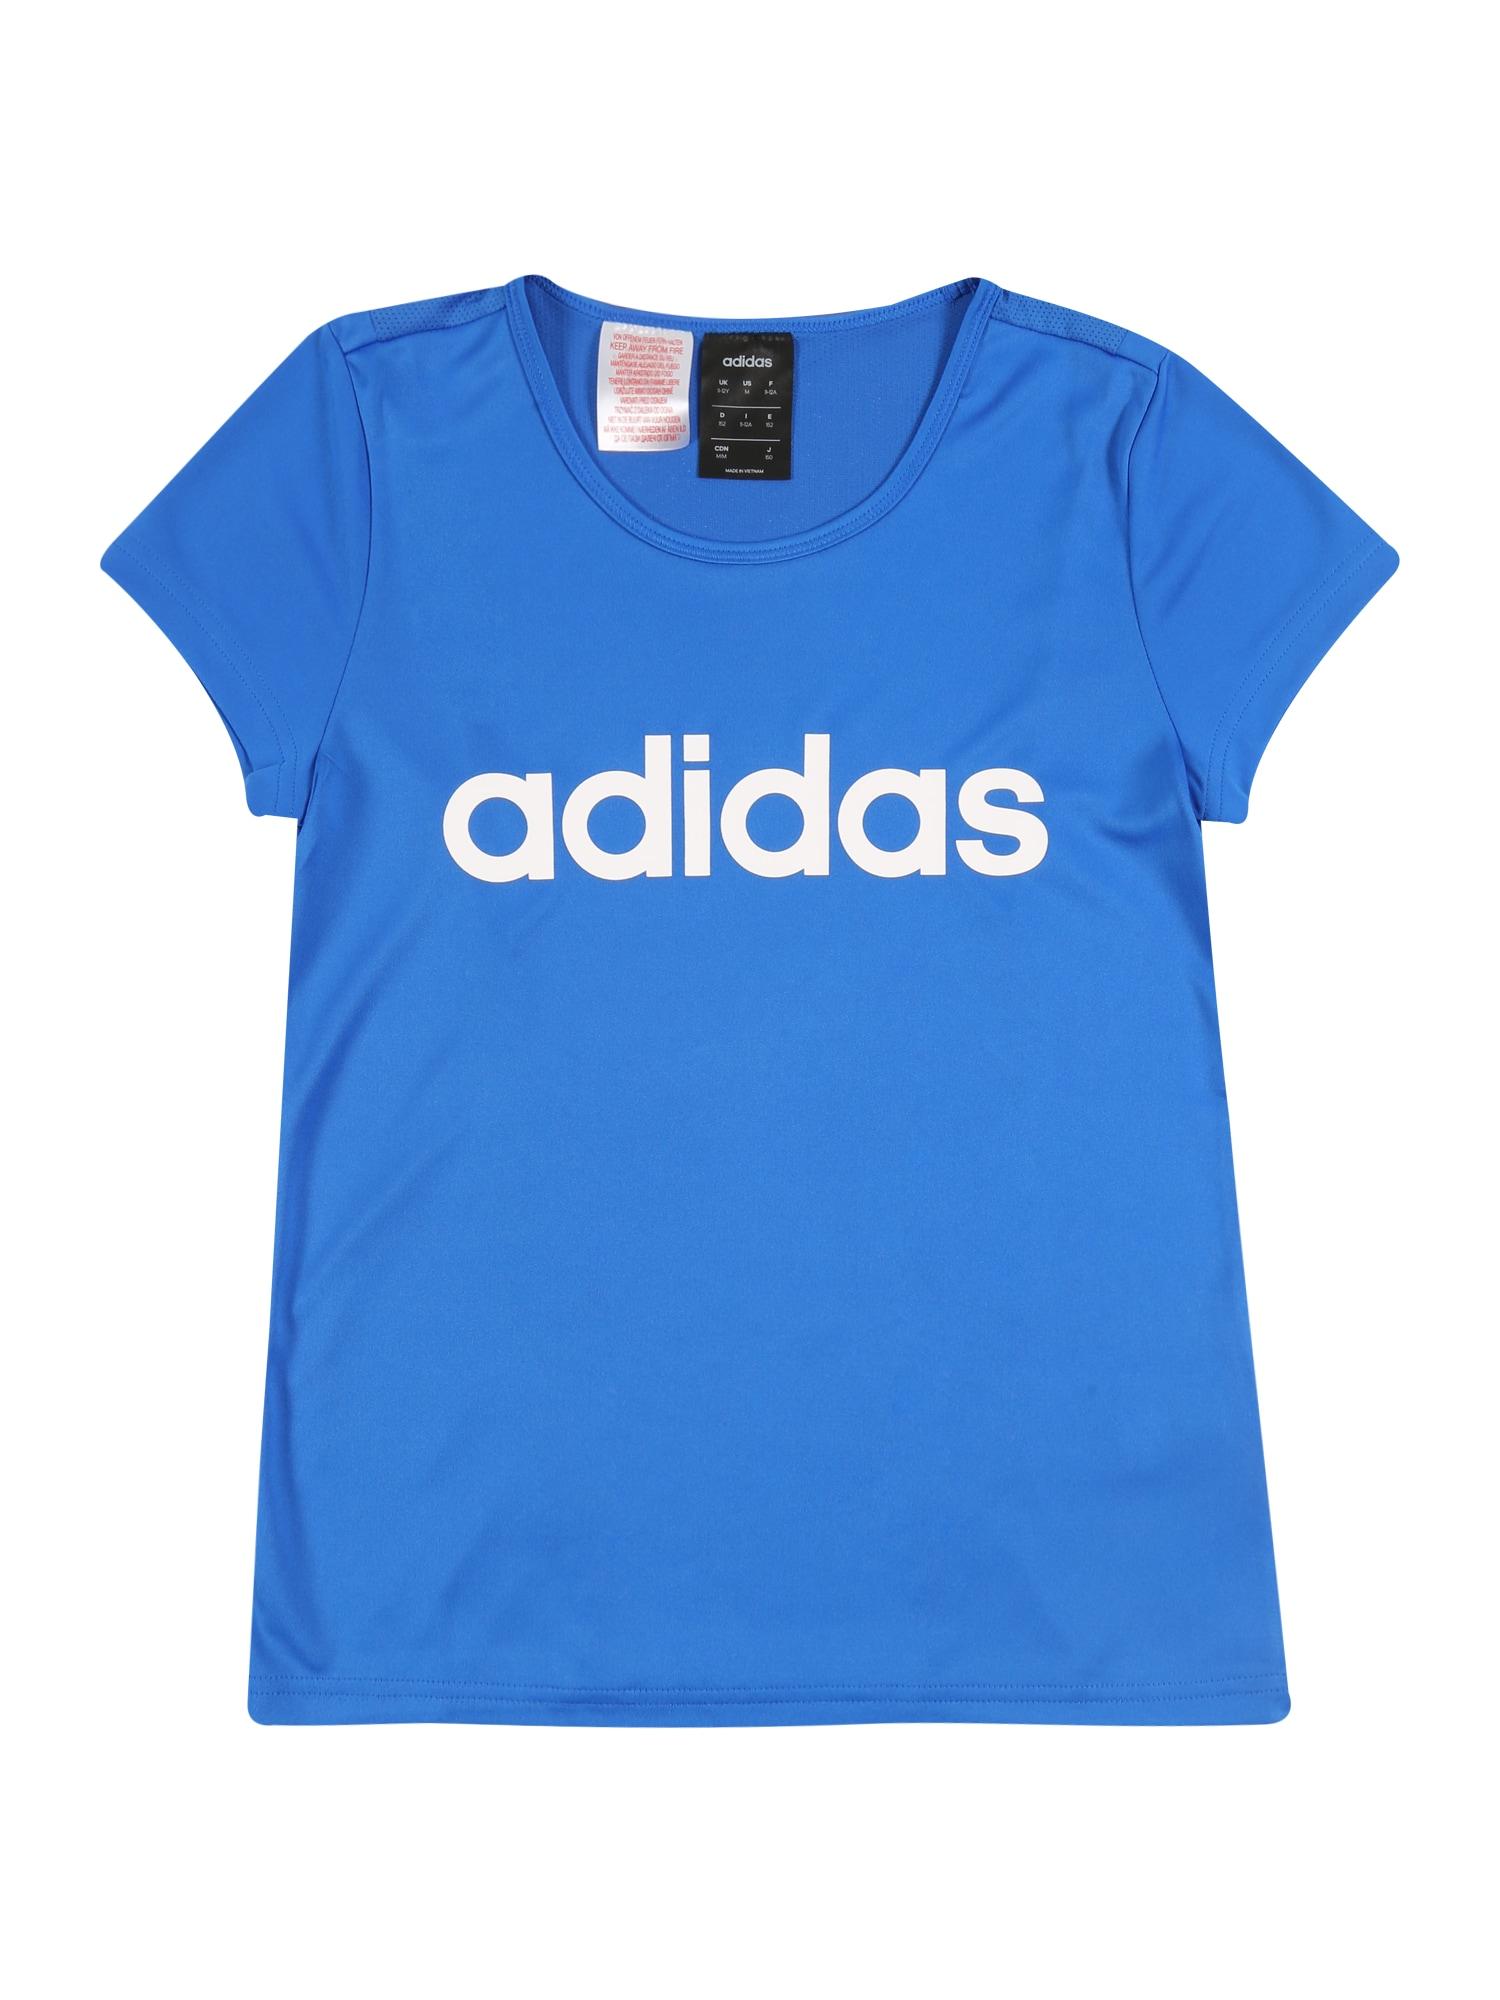 ADIDAS PERFORMANCE Sportiniai marškinėliai kobalto mėlyna